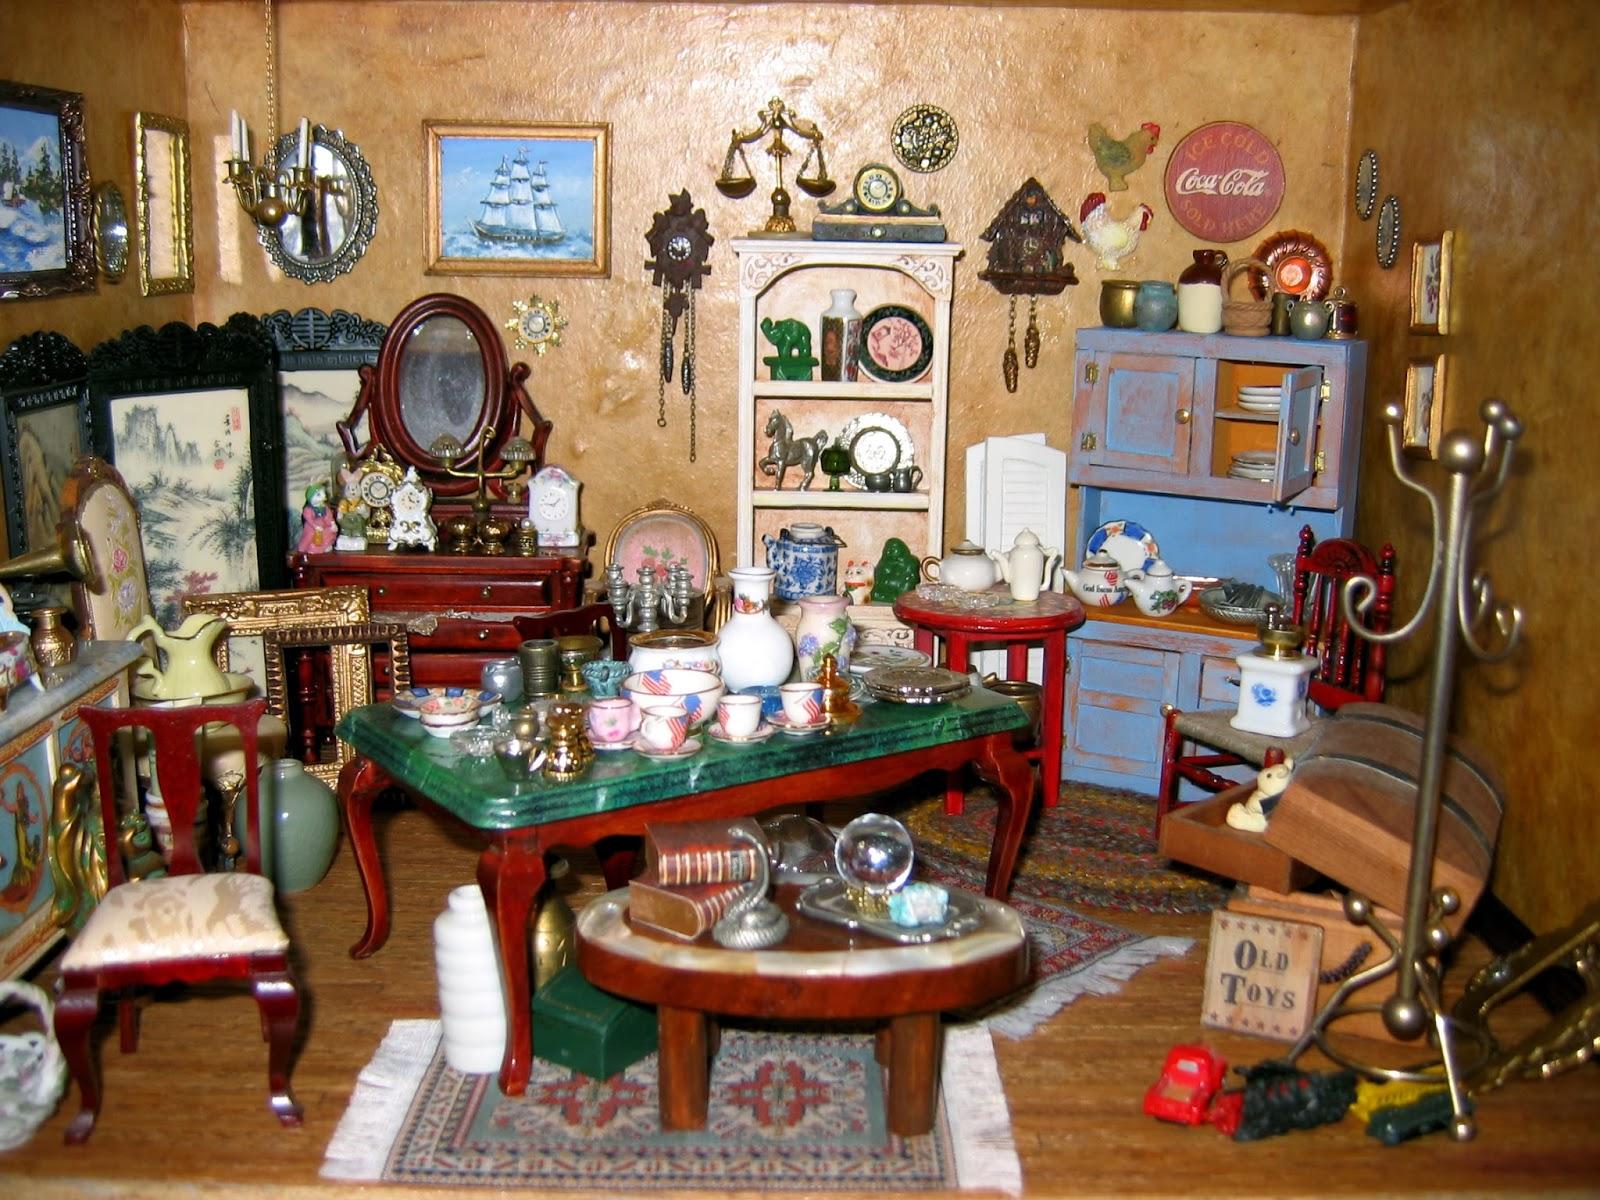 miniature antuque shop